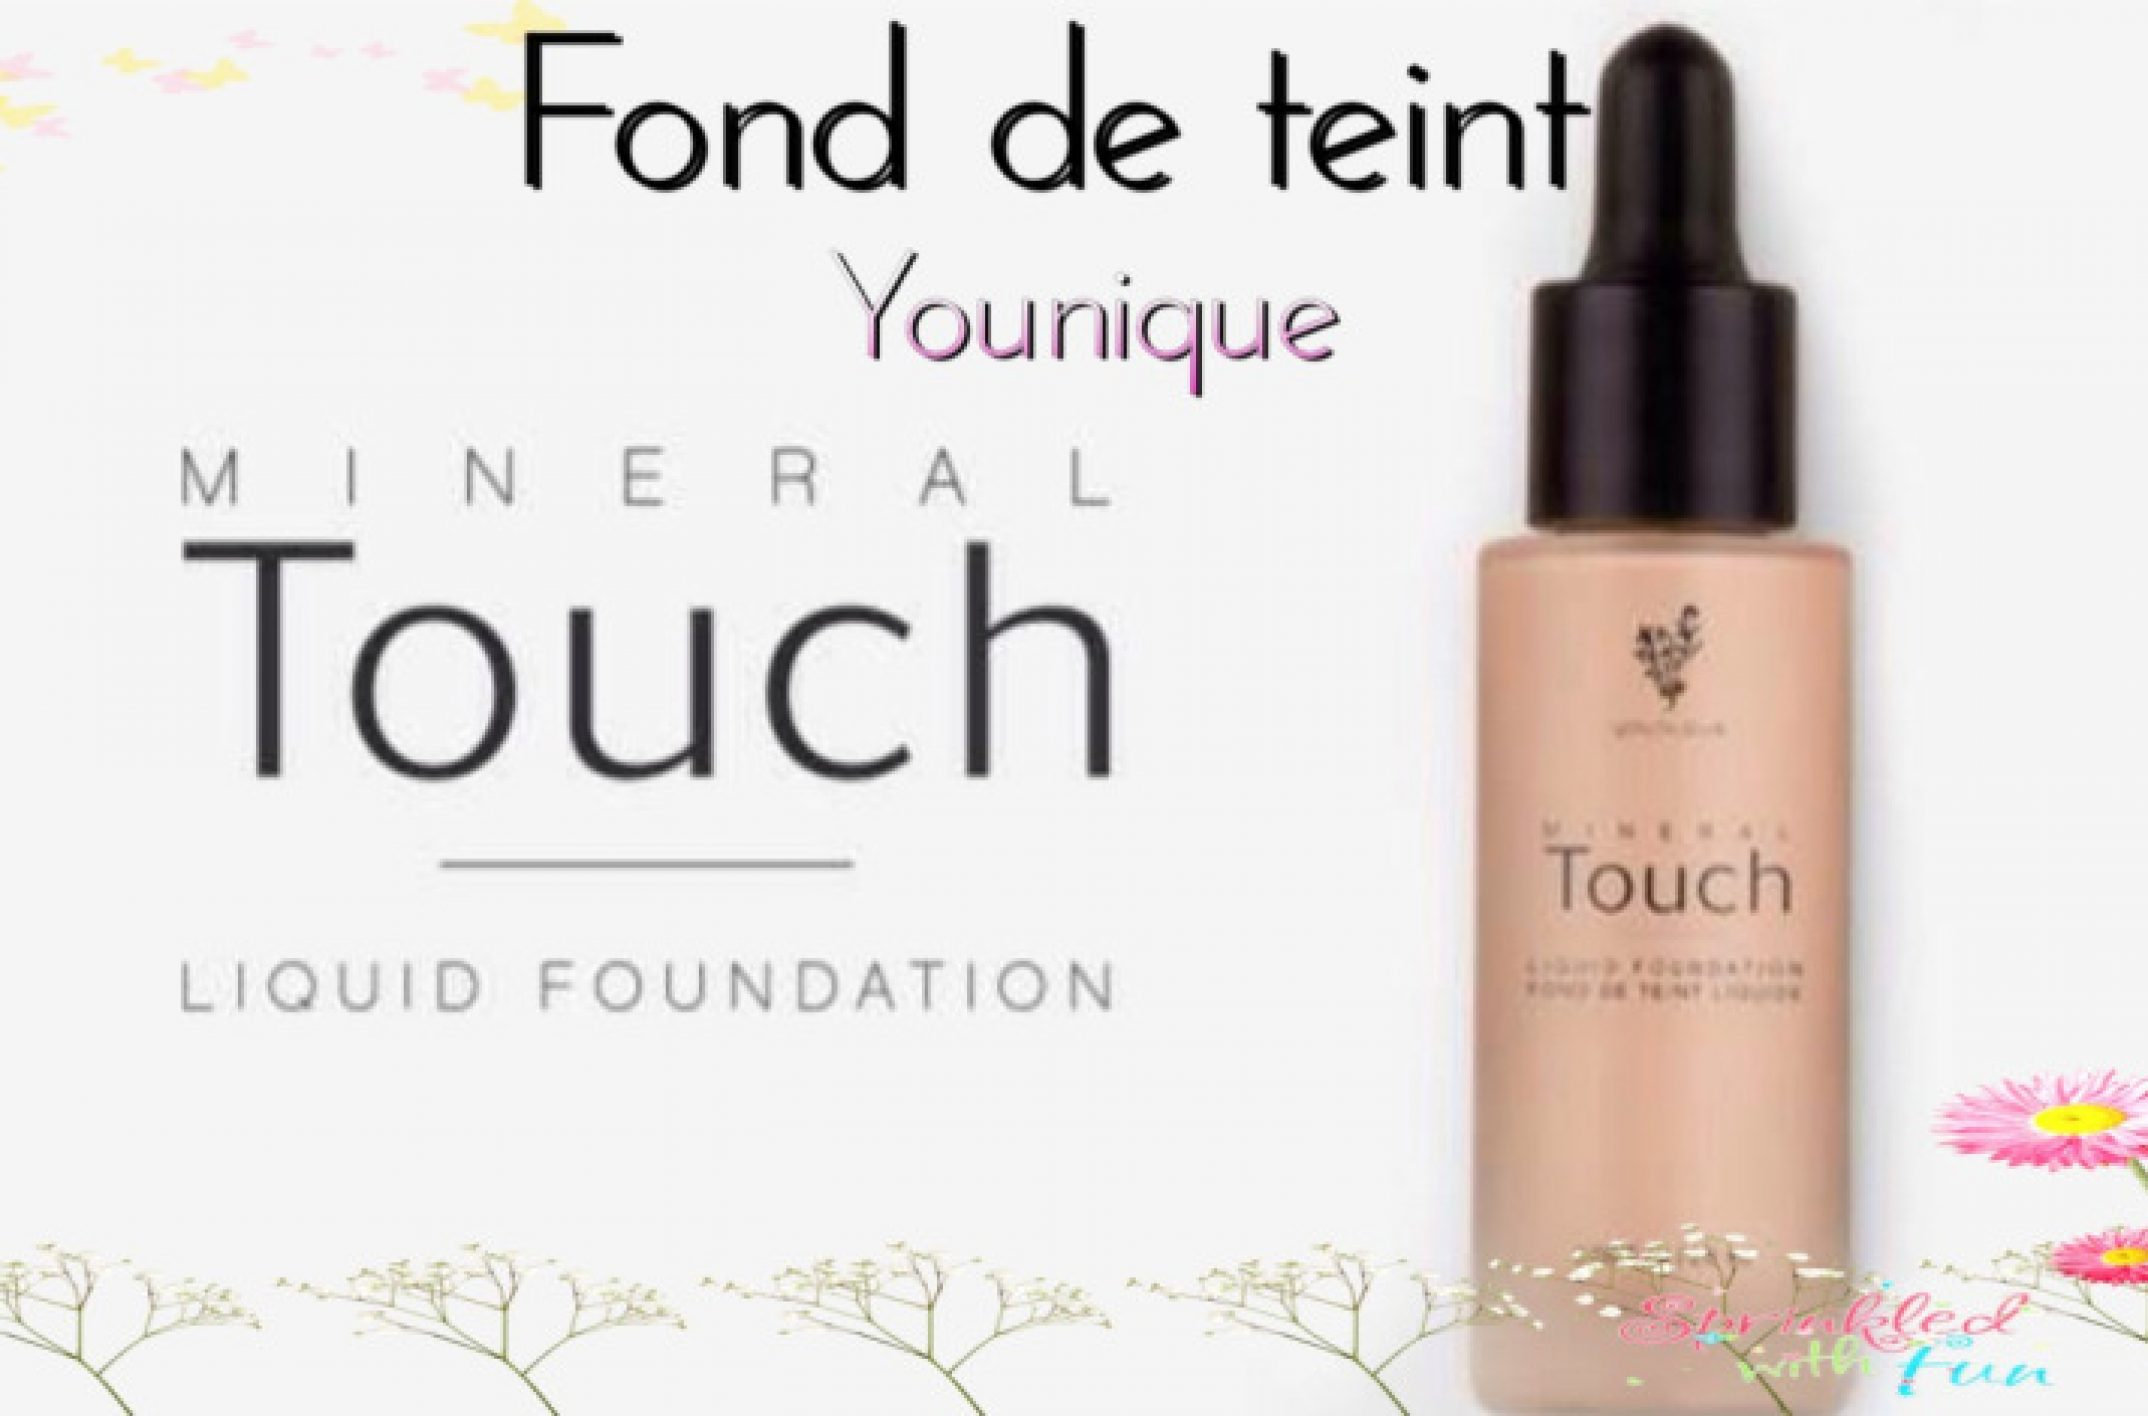 Fond de teint liquide Younique : la base de tout maquillage. Présentation, conseils et où l'acheter